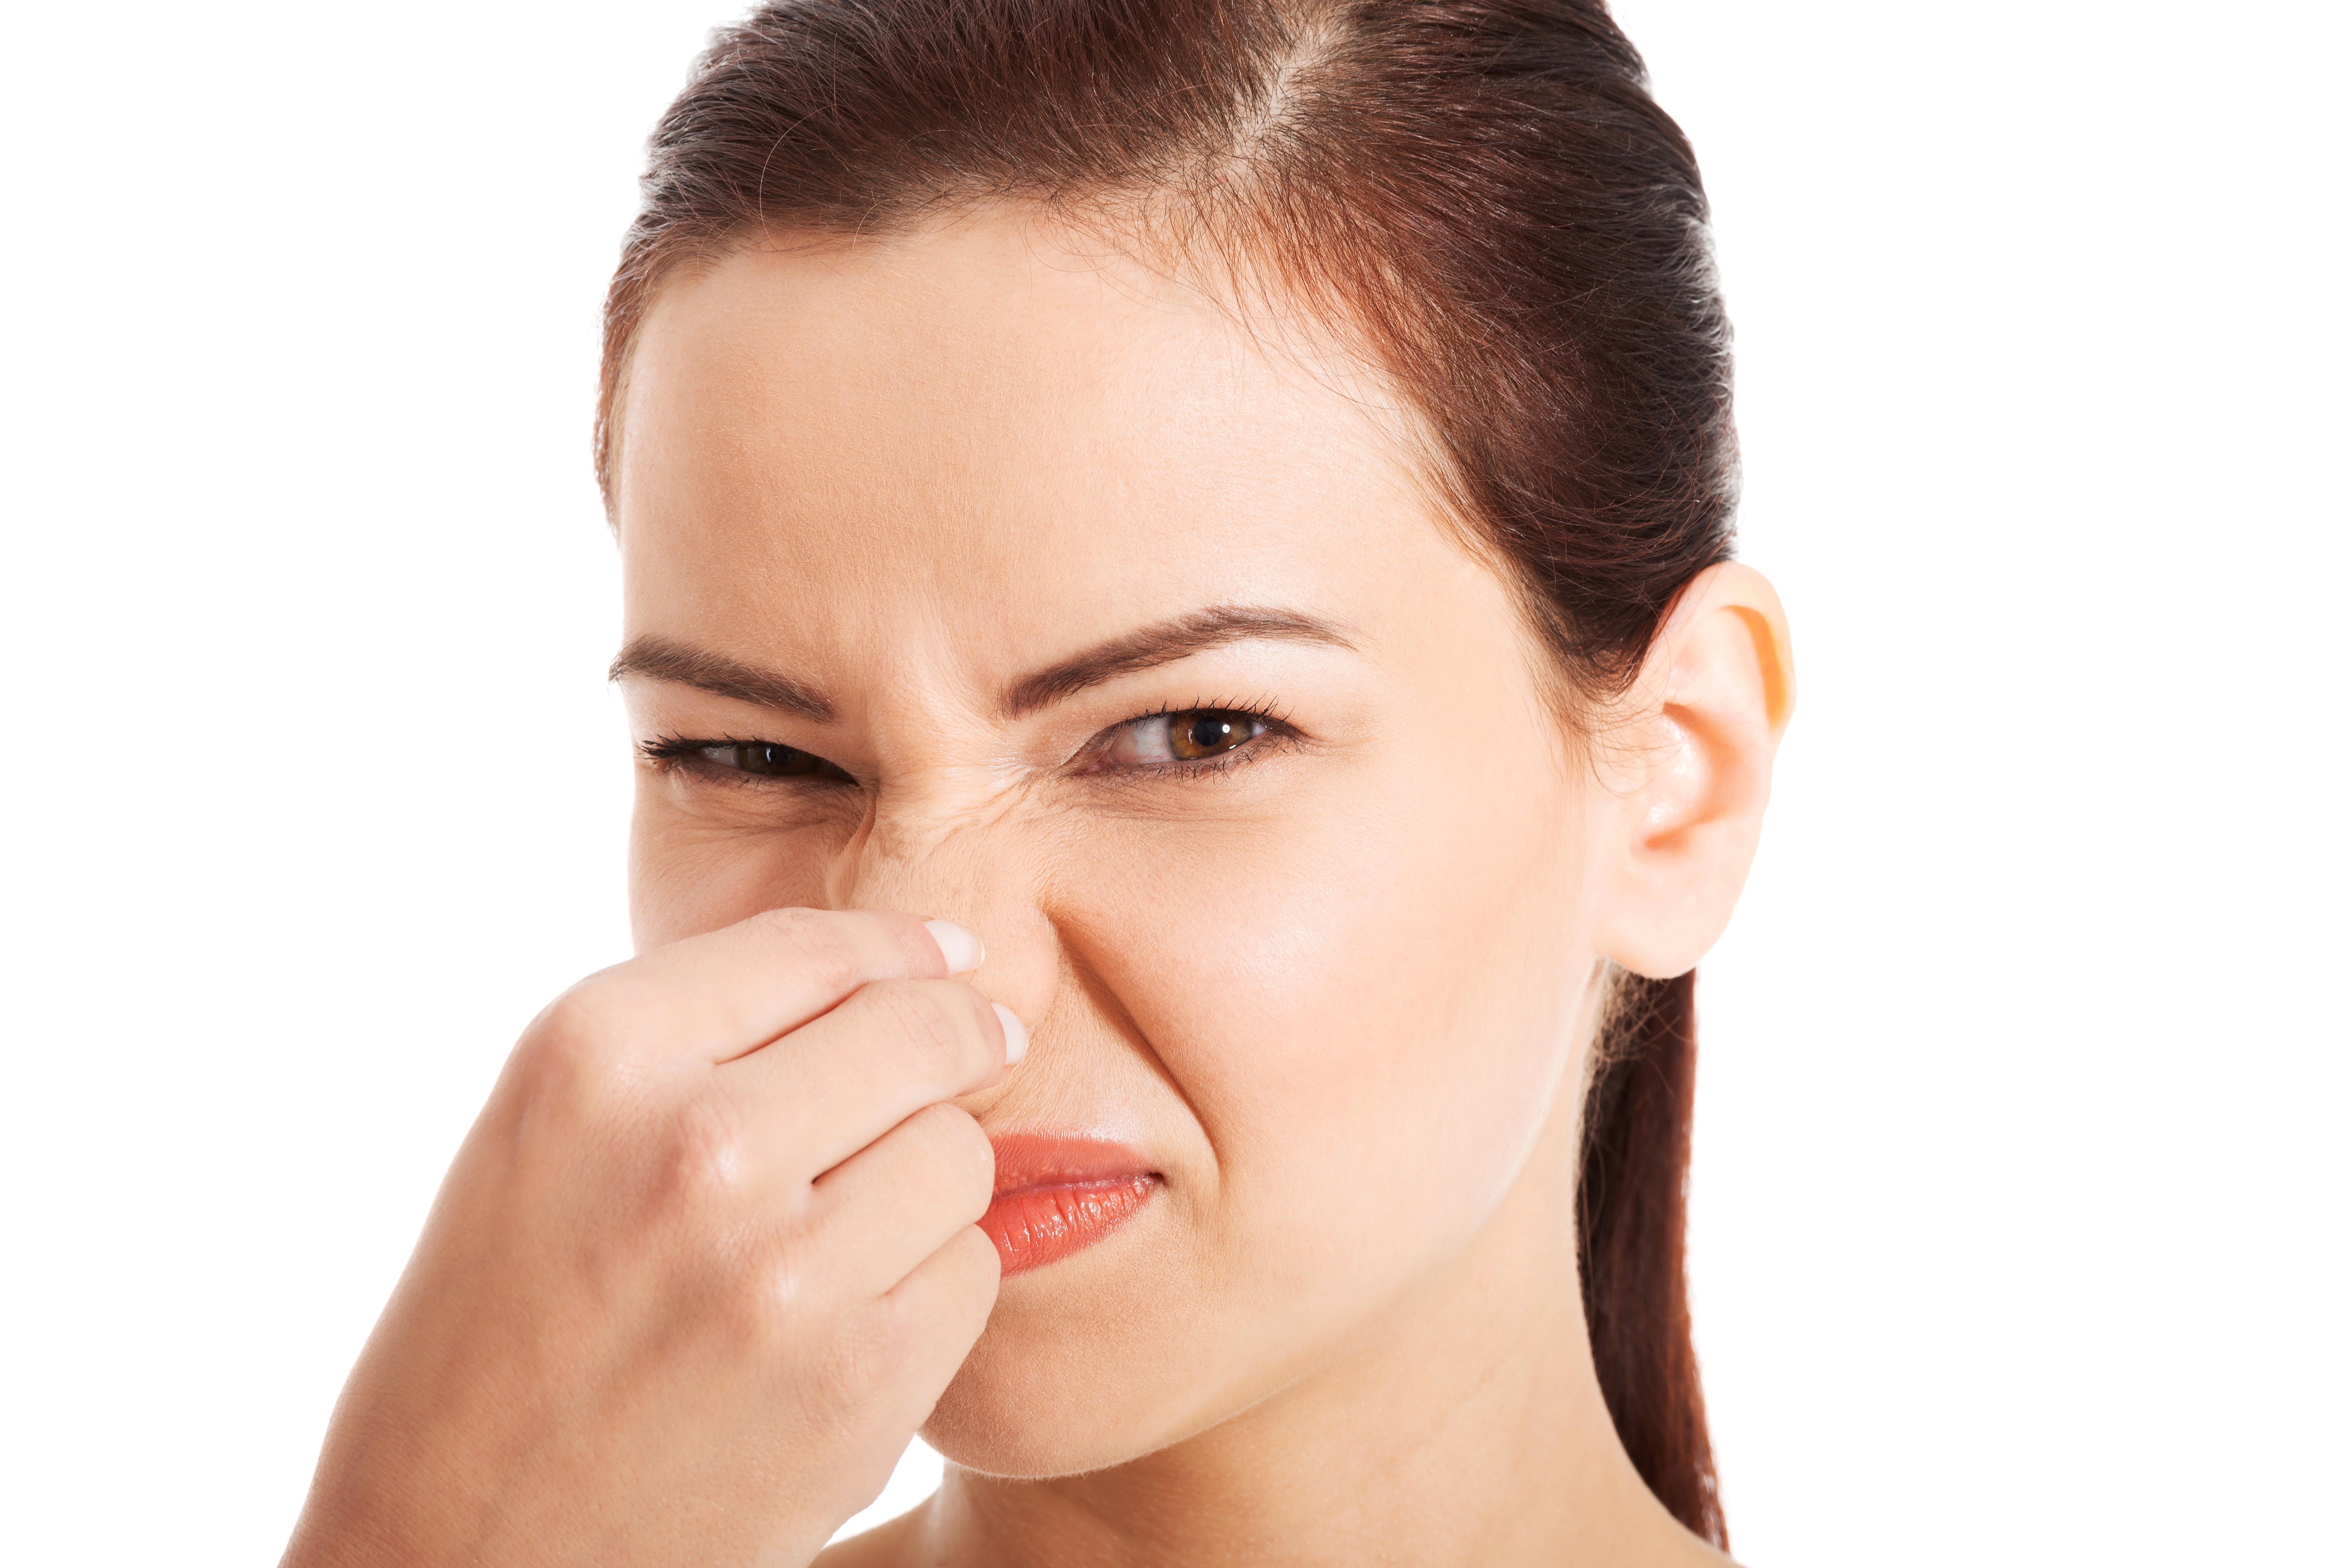 Искривление носовой перегородки: почему возникает и как устранить